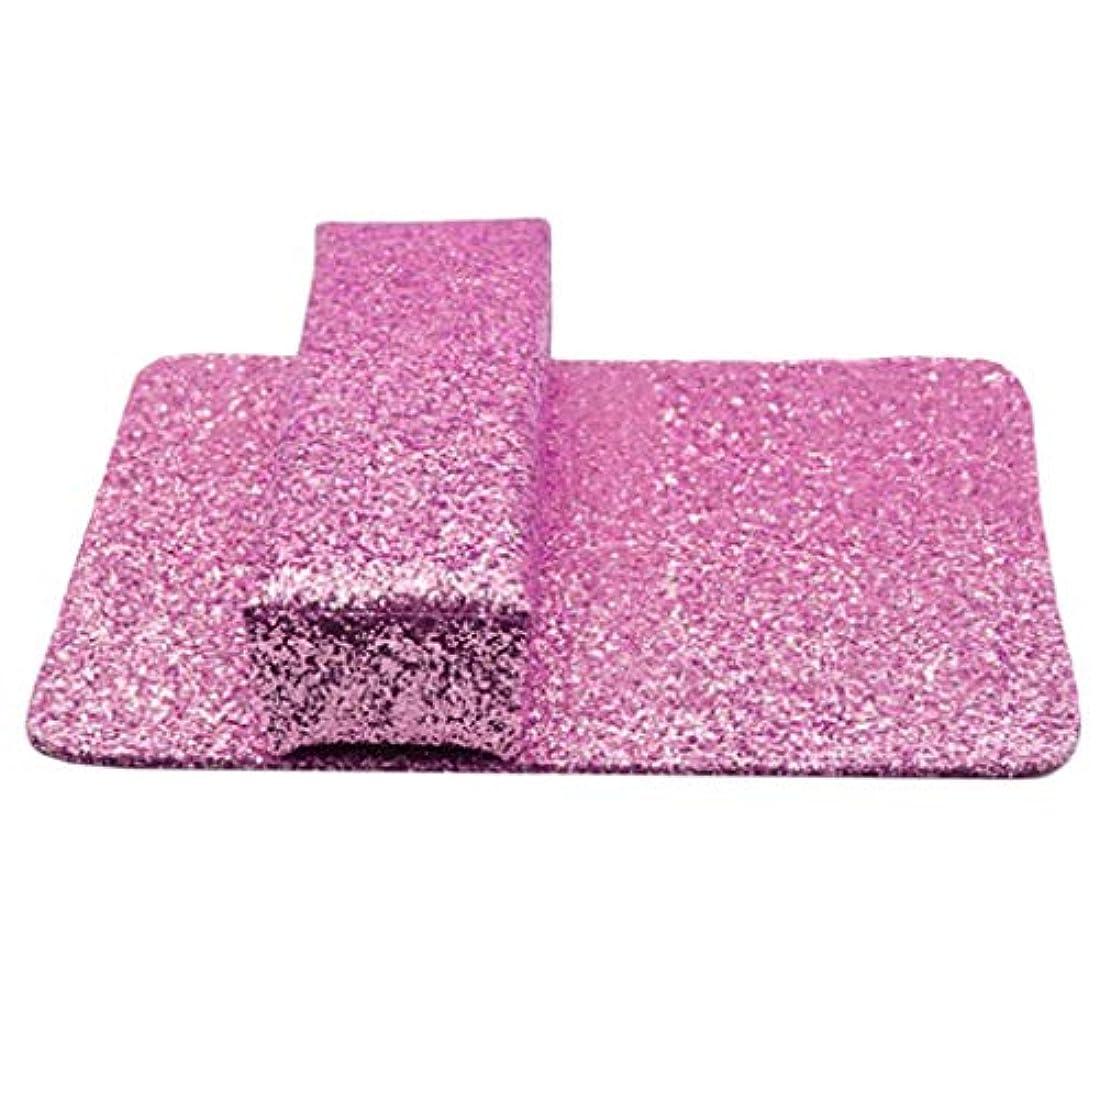 甘美な眠っているドラムDYNWAVE 腕置き クッション マッサージ用クッション ハンドピロー ネイル 美容室 自宅 使用可能 全3カラー - ピンク